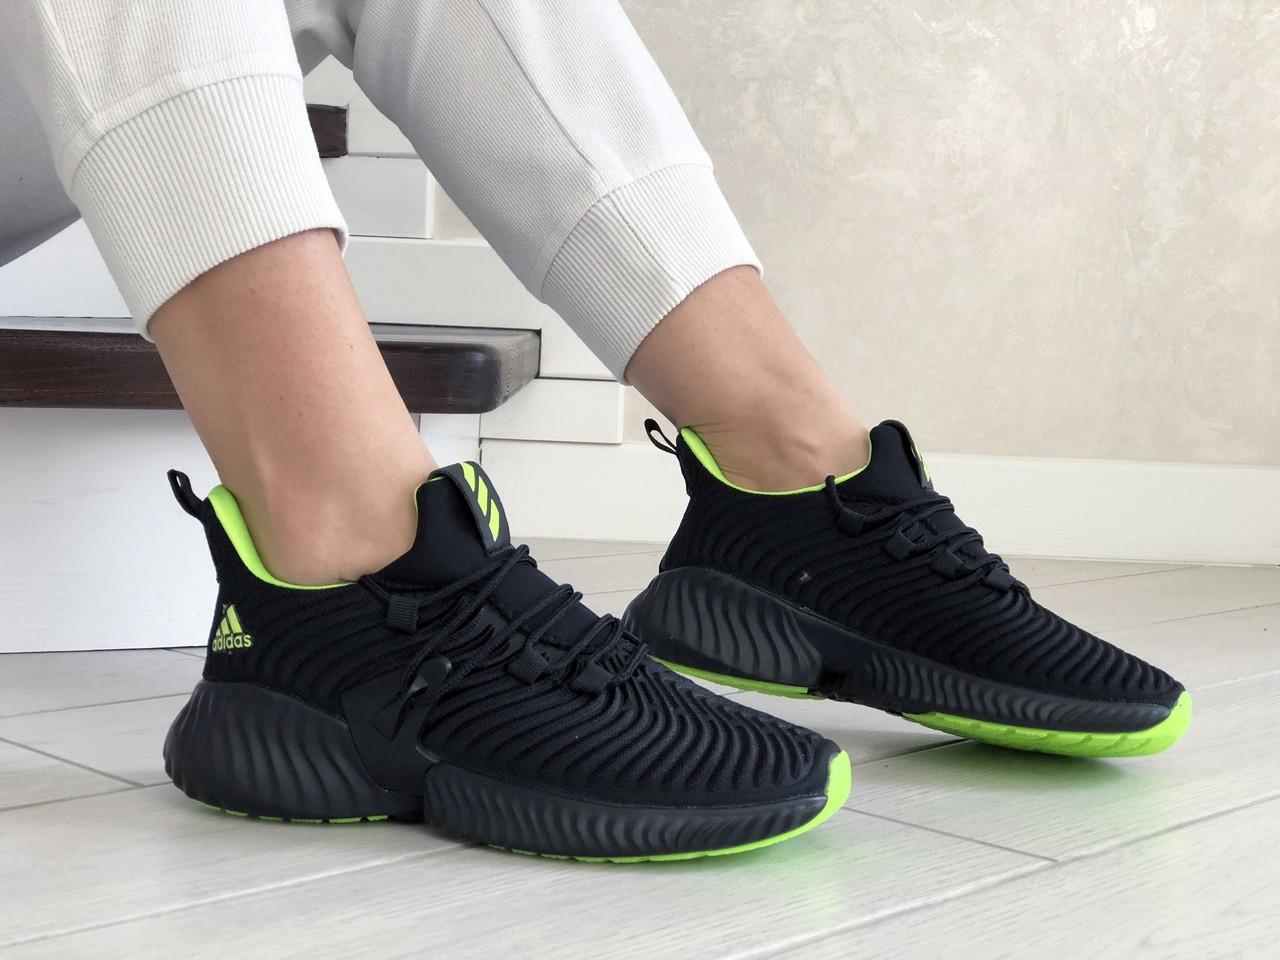 Кросівки жіночі Adidas Alphabounce чорні з салатовим